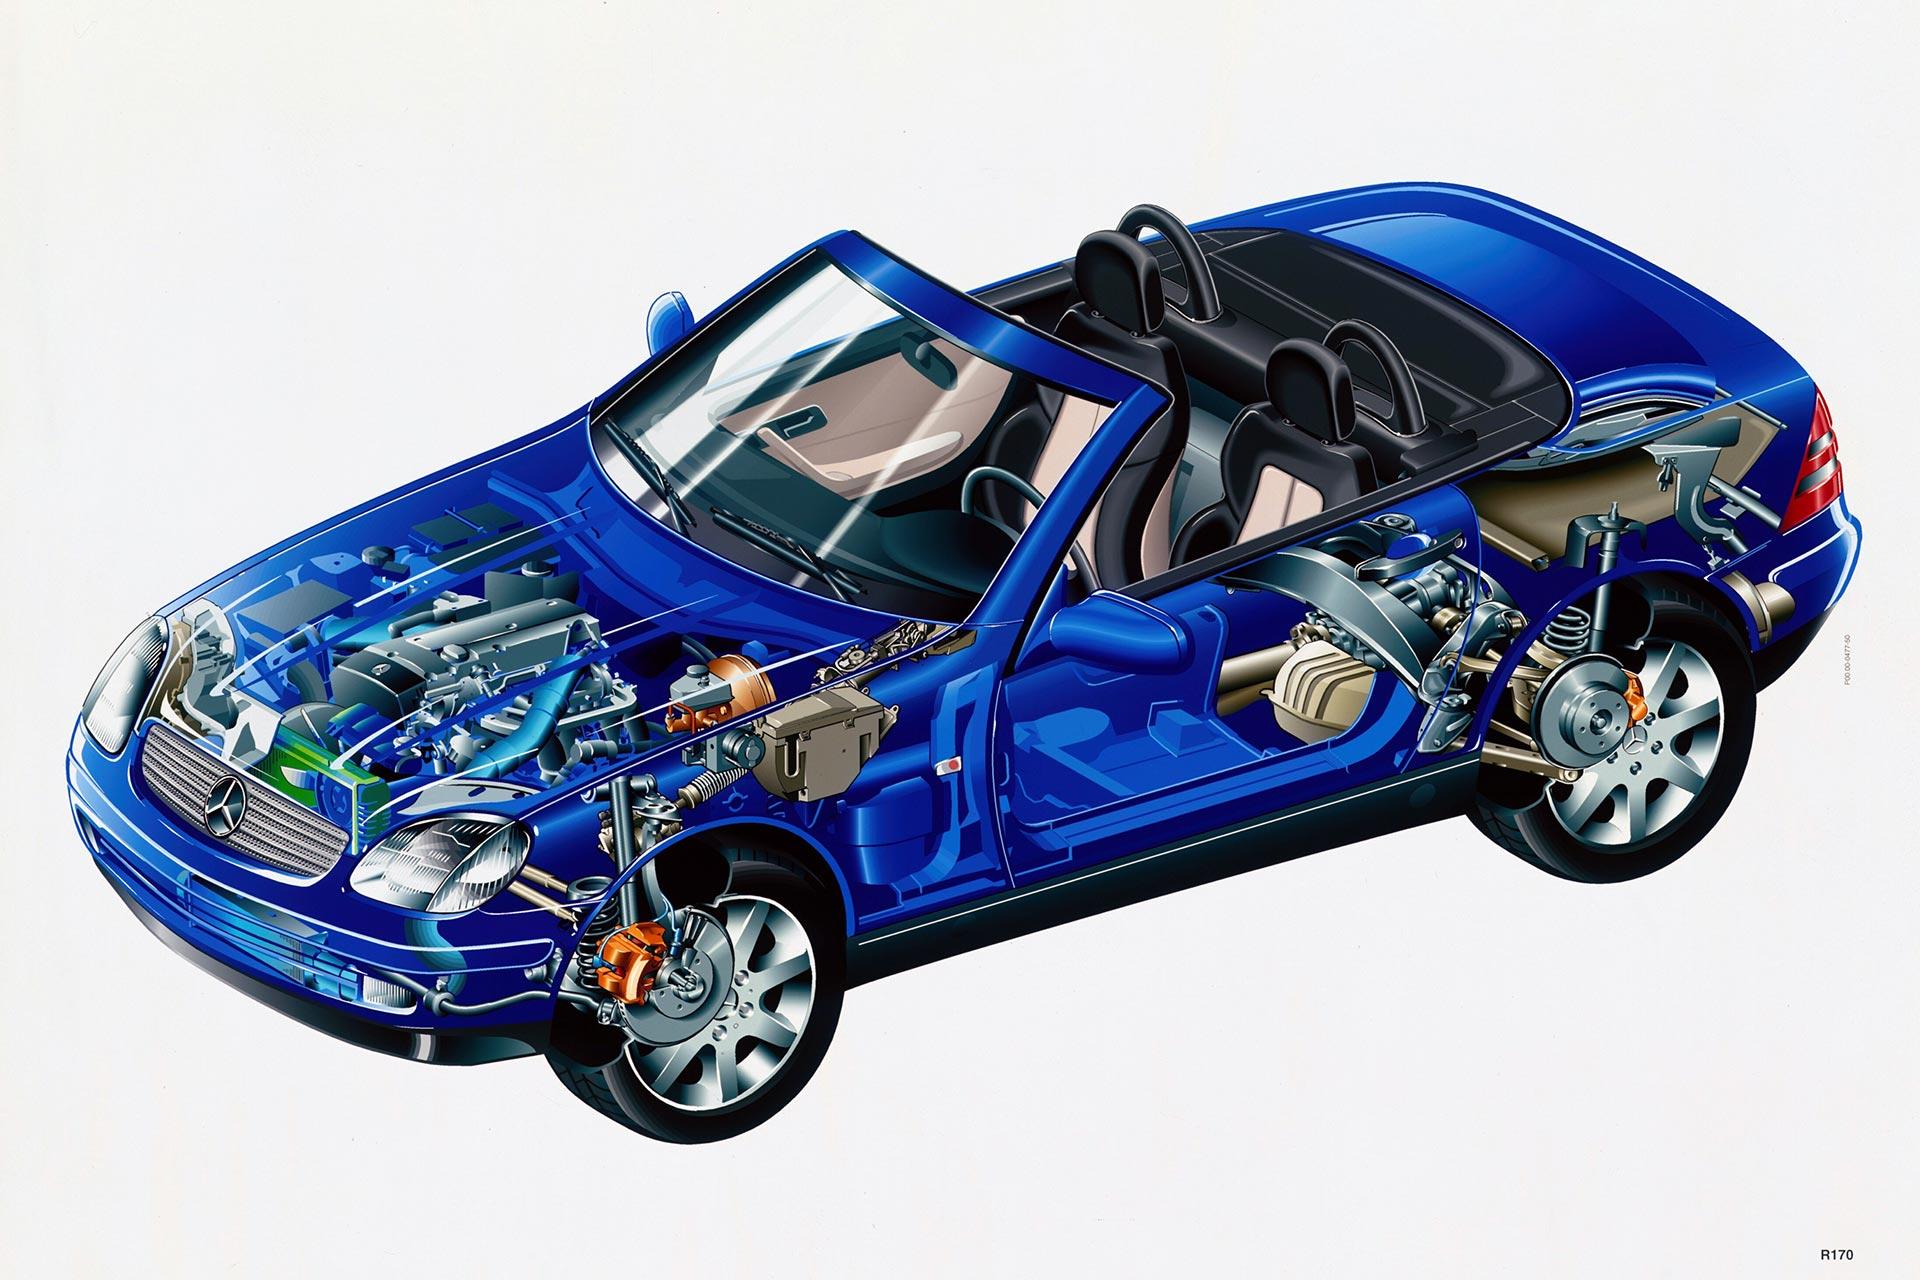 Mercedes-Benz SLK 200 der Baureihe R 170. Durchsichtzeichnung.